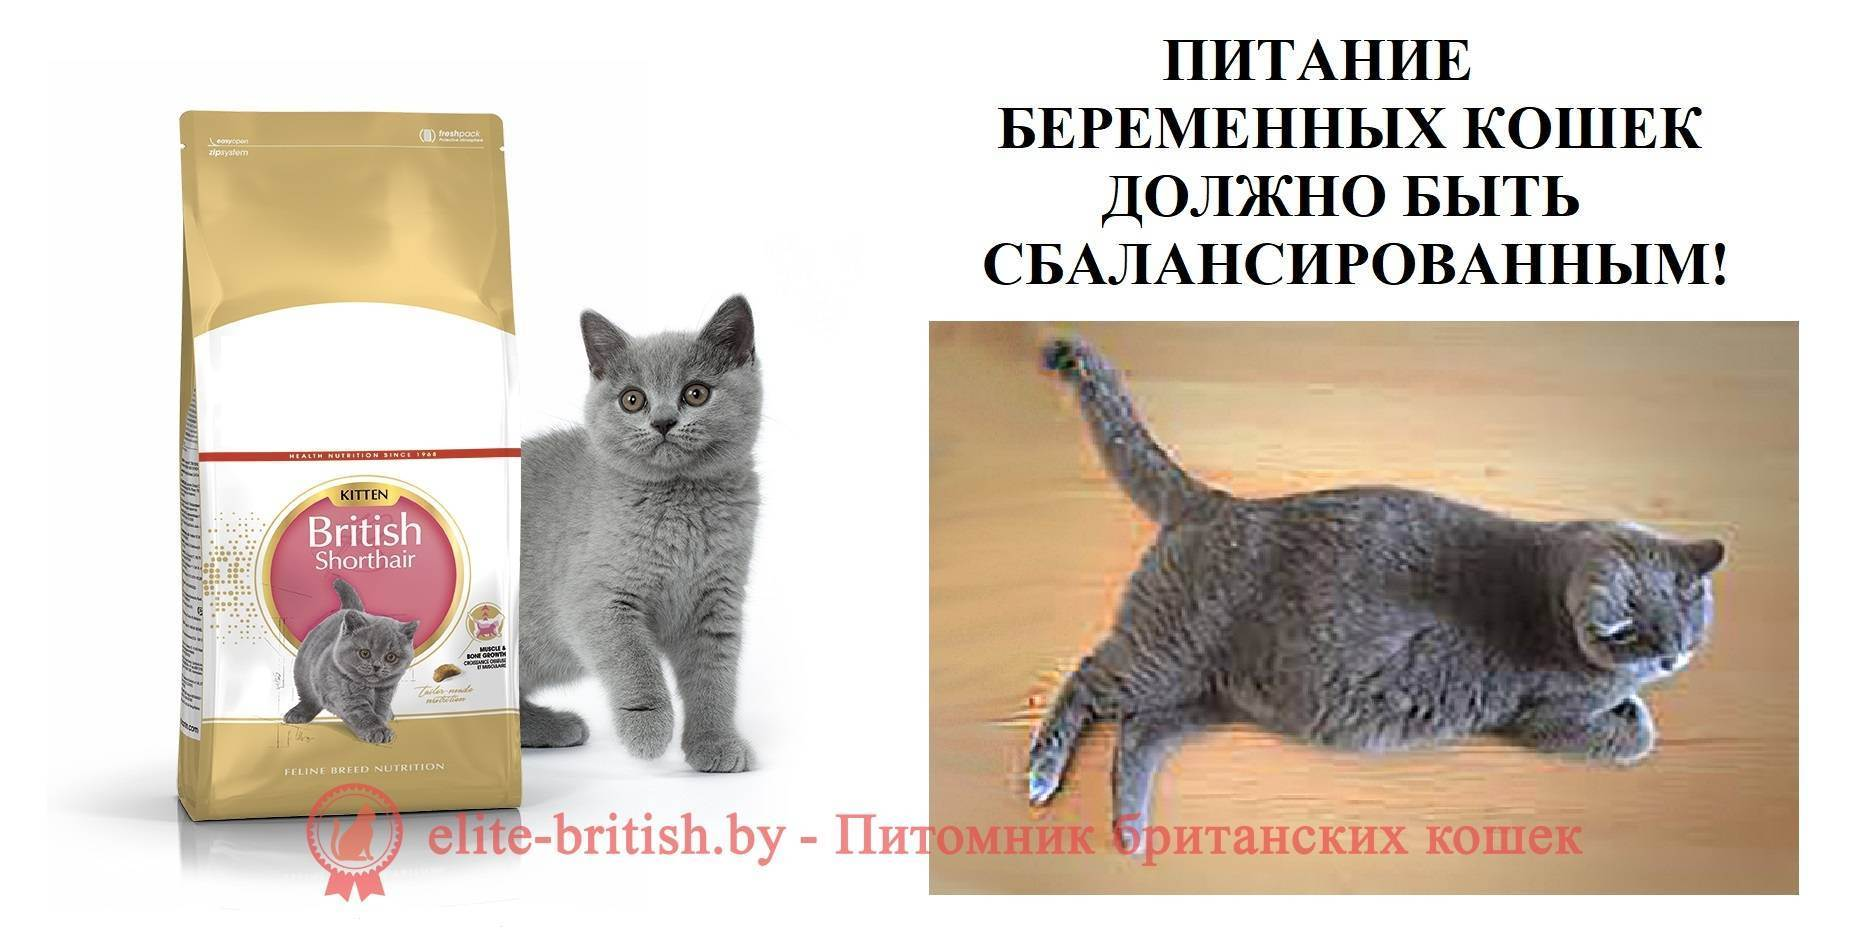 Как протекает беременность британских короткошерстных кошек